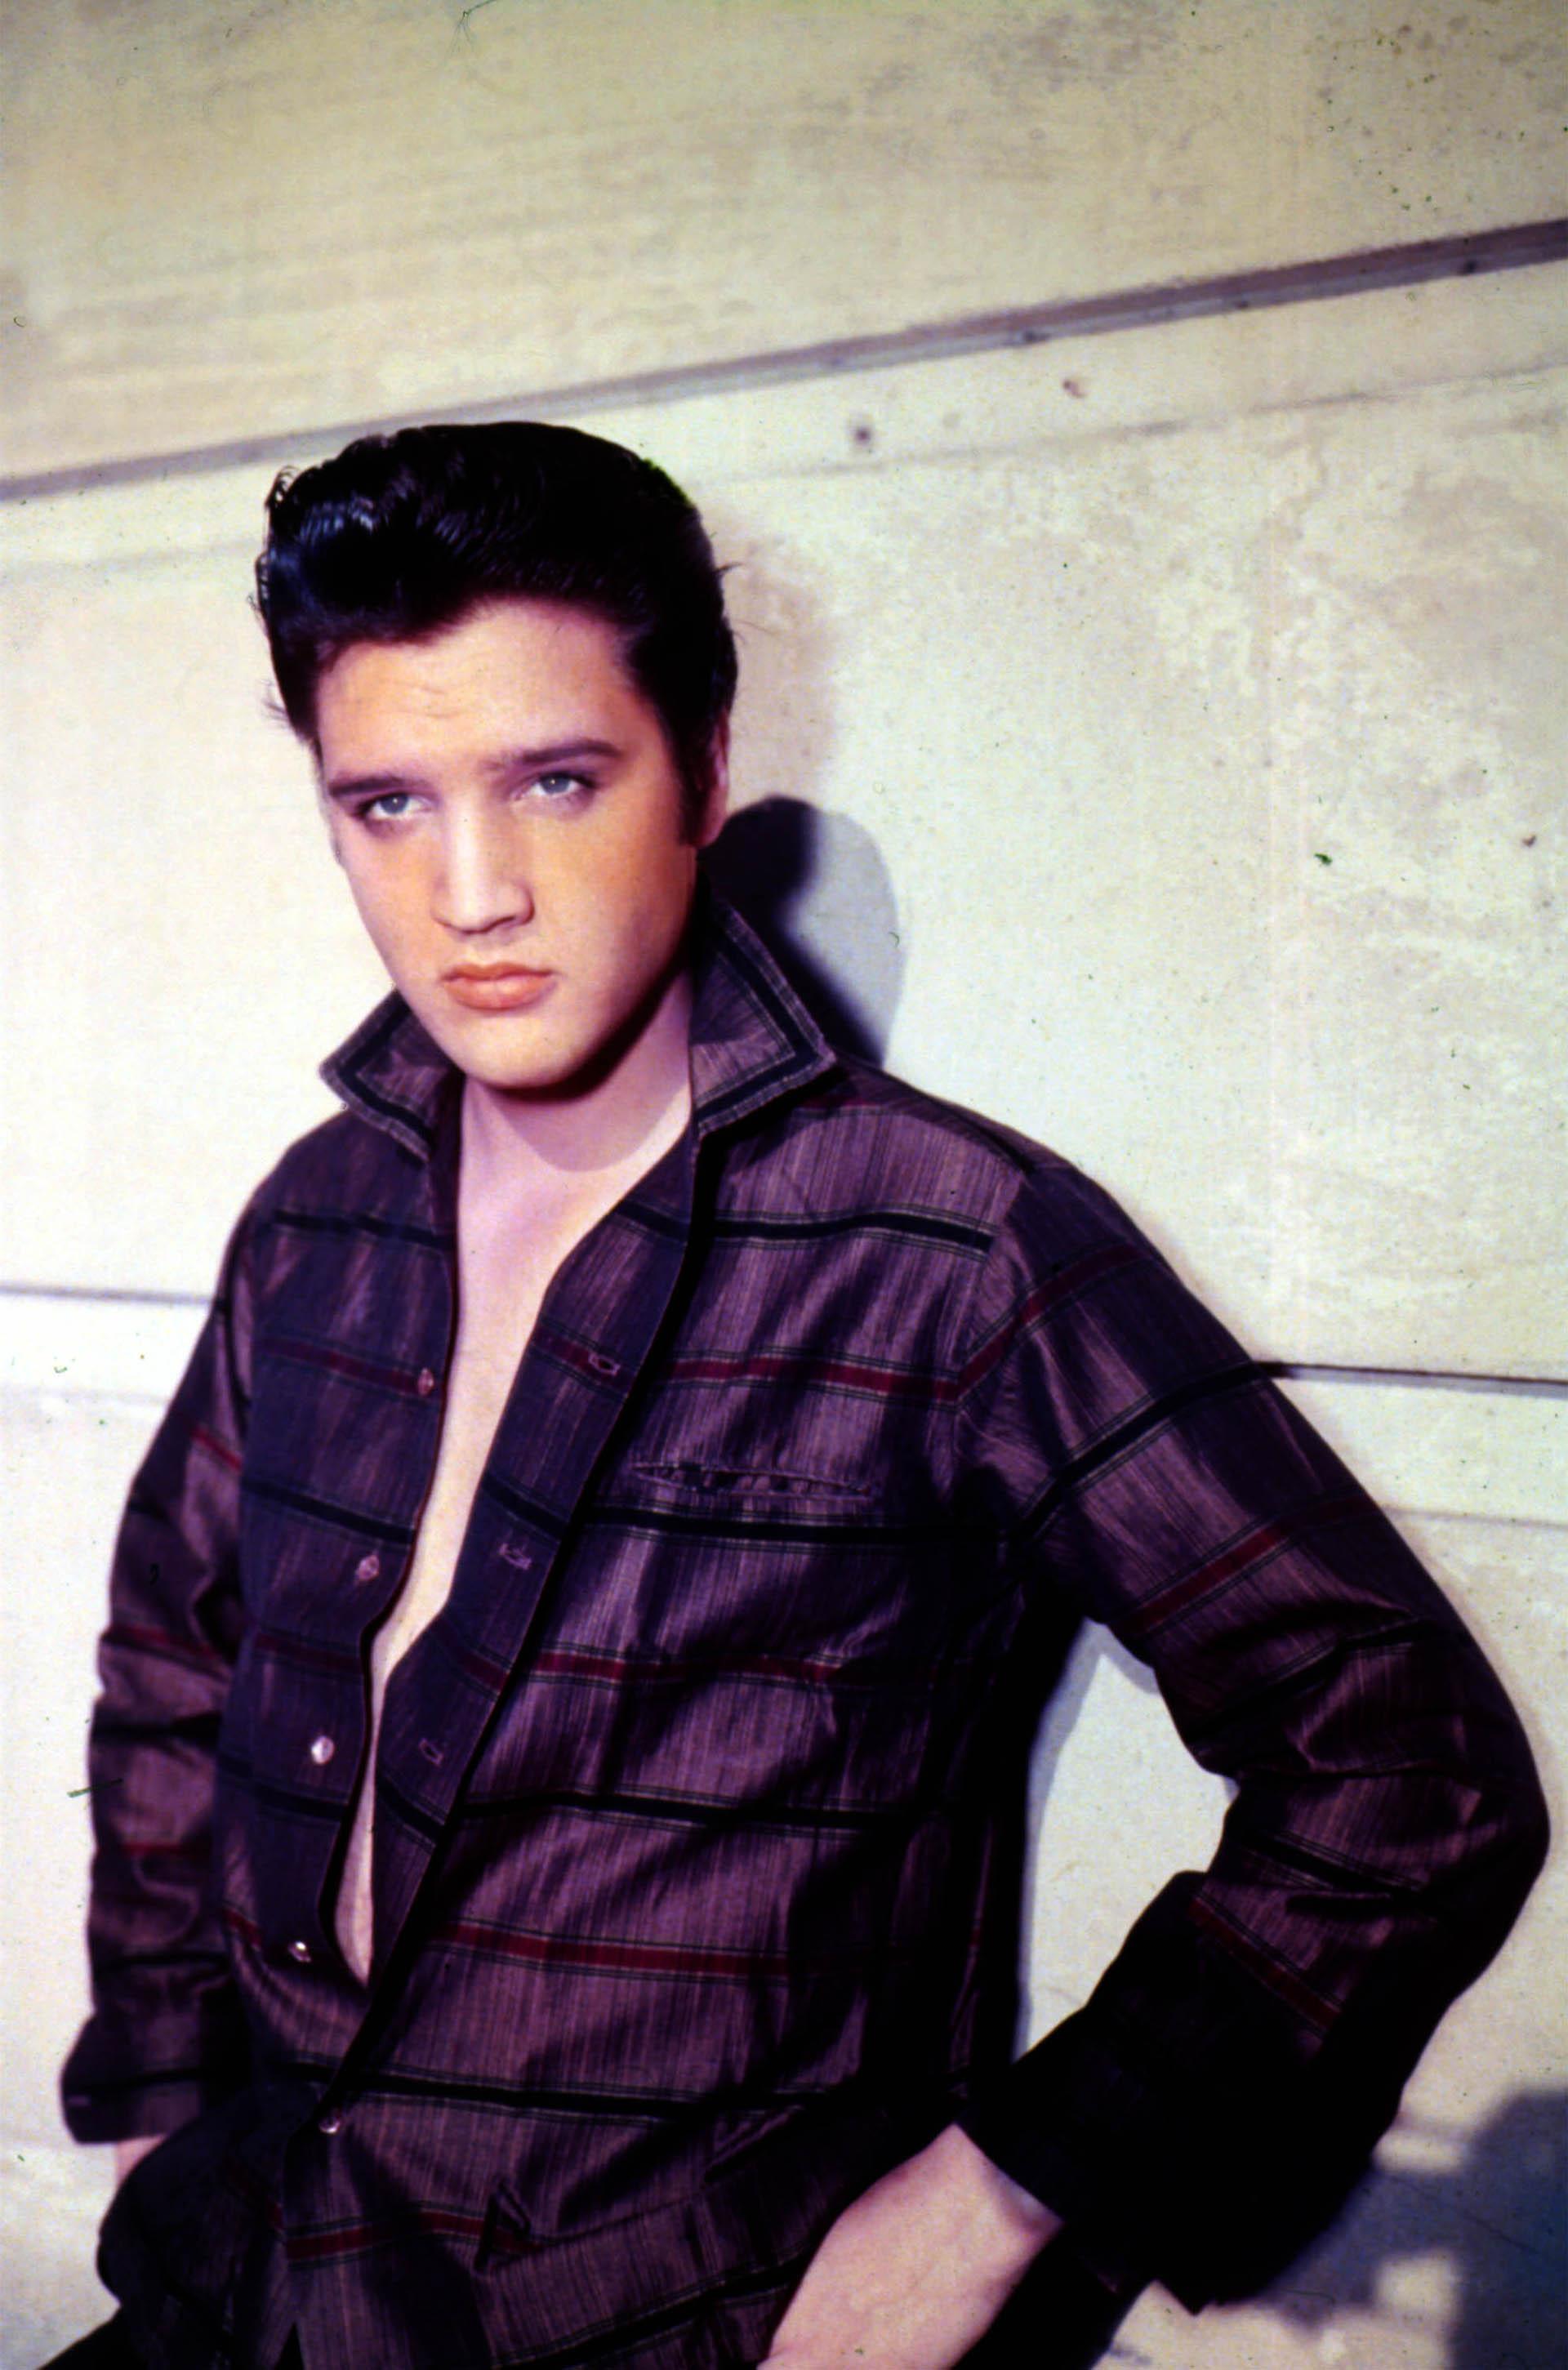 Ícone dos anos 50, marcou um antes e depois no mundo da moda masculina.  Quadrilha ou camisas listradas eram algumas de suas favoritas.  O oxford ou calças de sino eram um clássico do músico